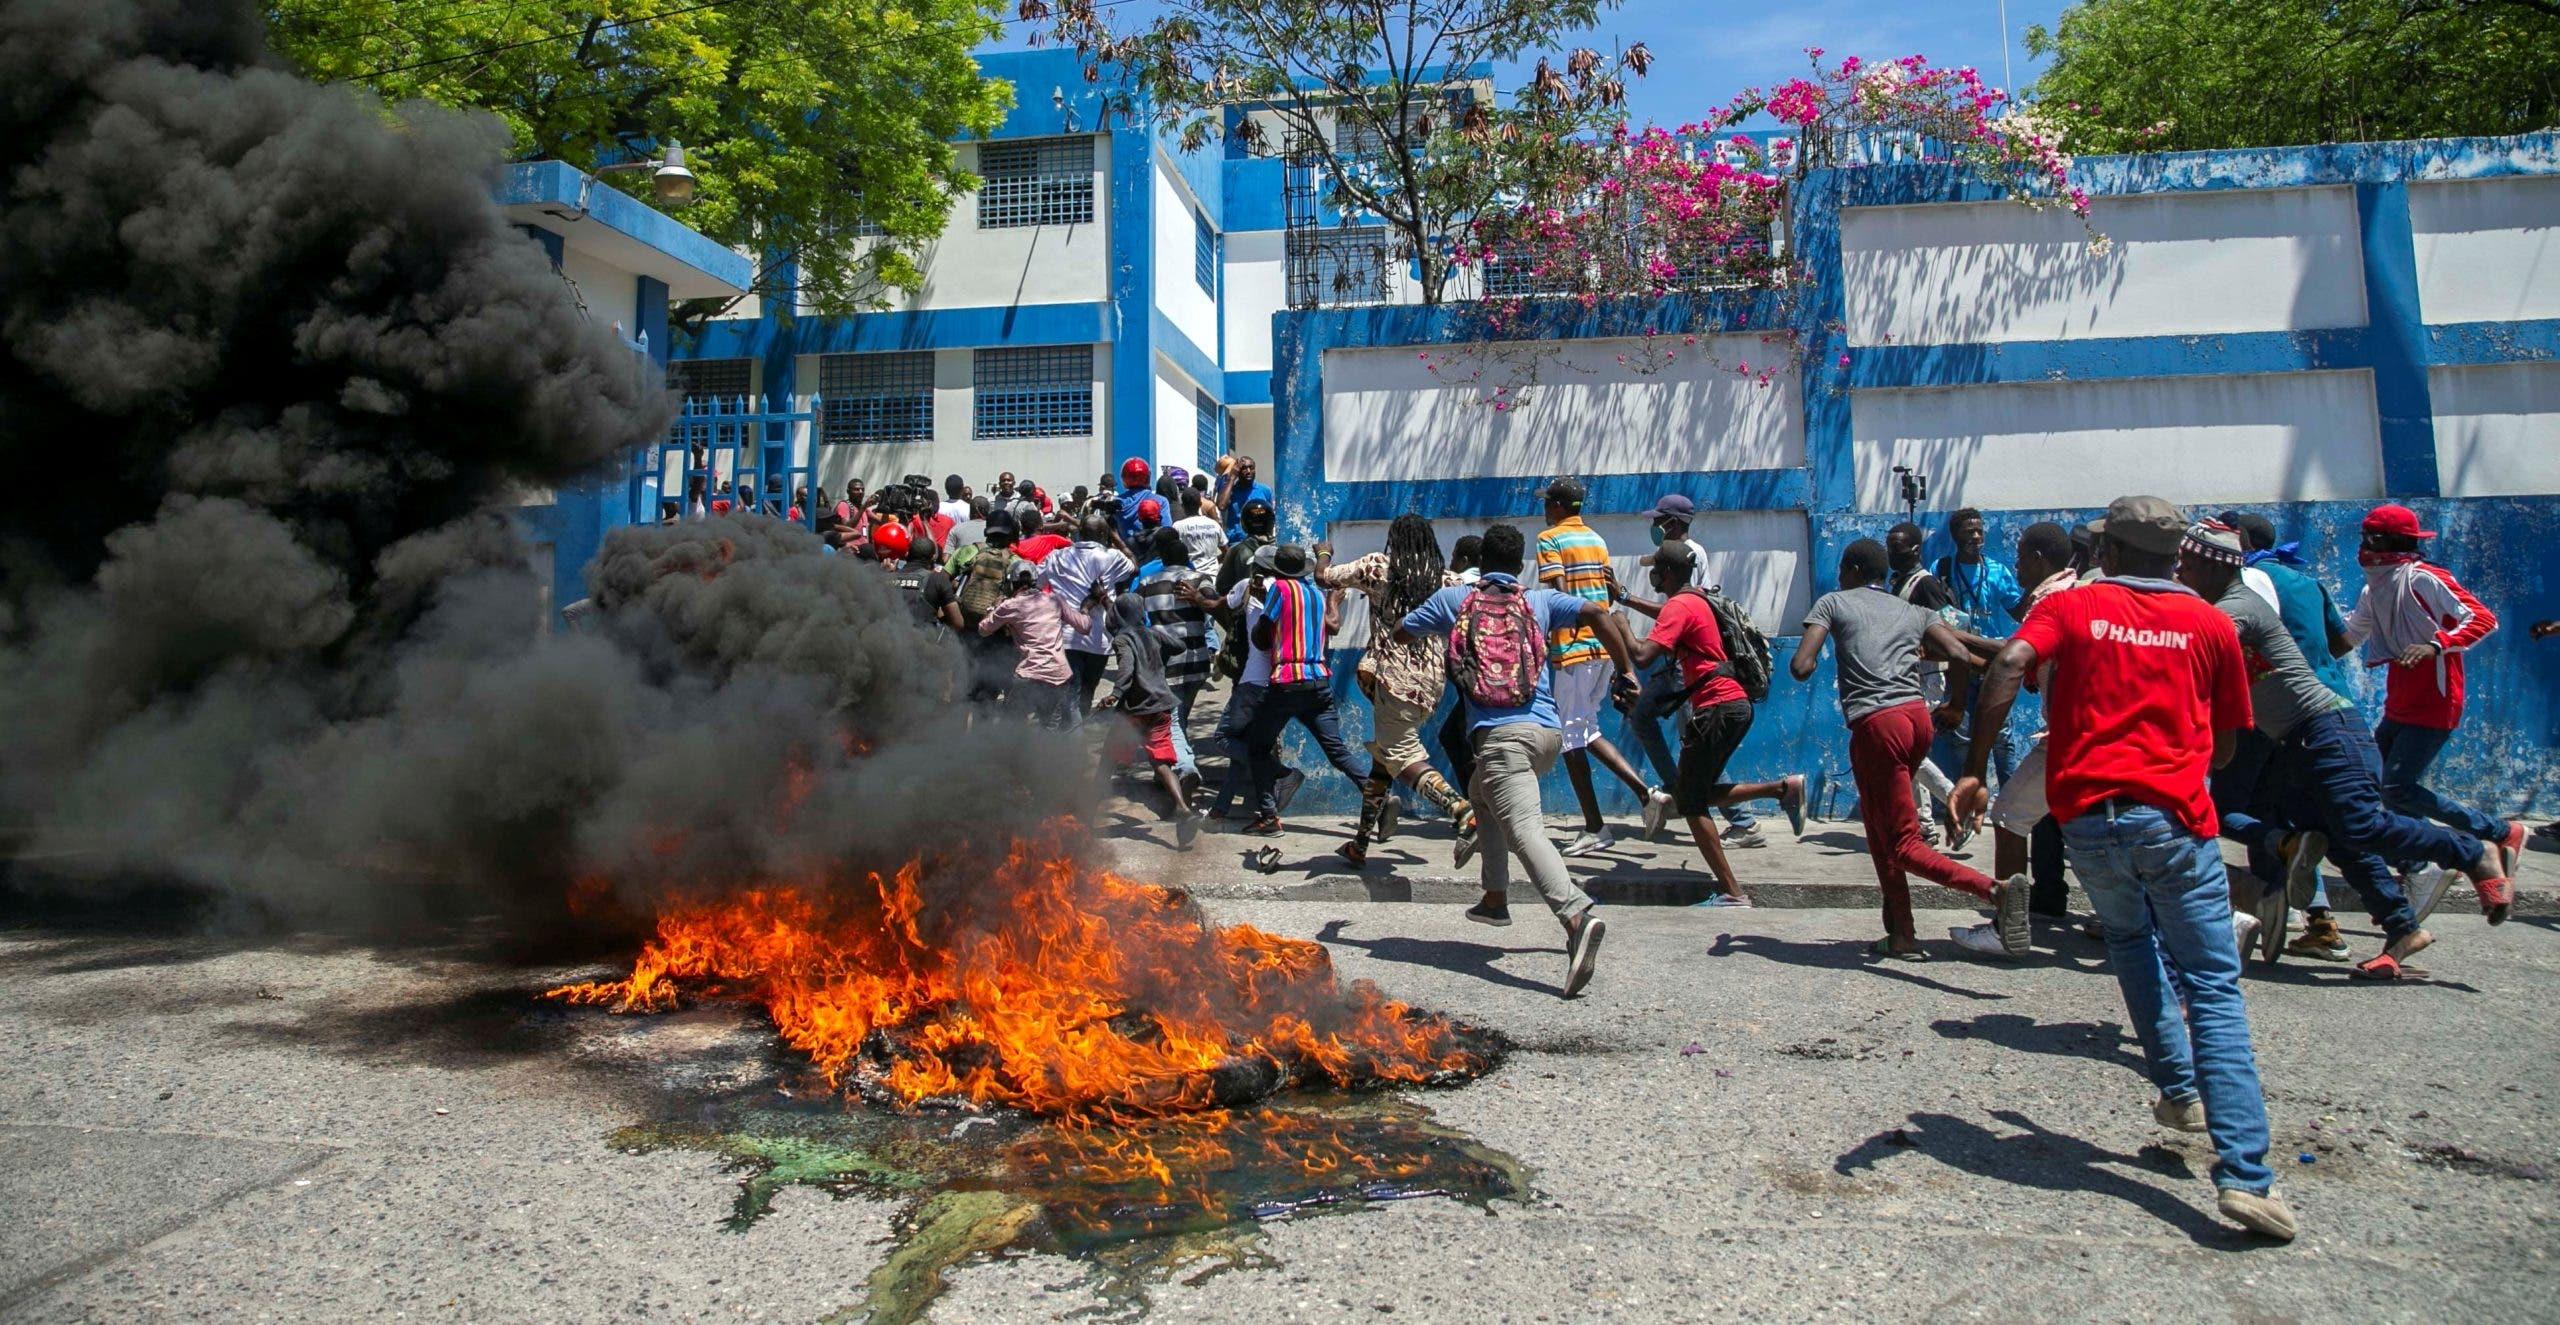 ONG denuncia al menos 13 muertos en un ataque armado en la capital de Haití